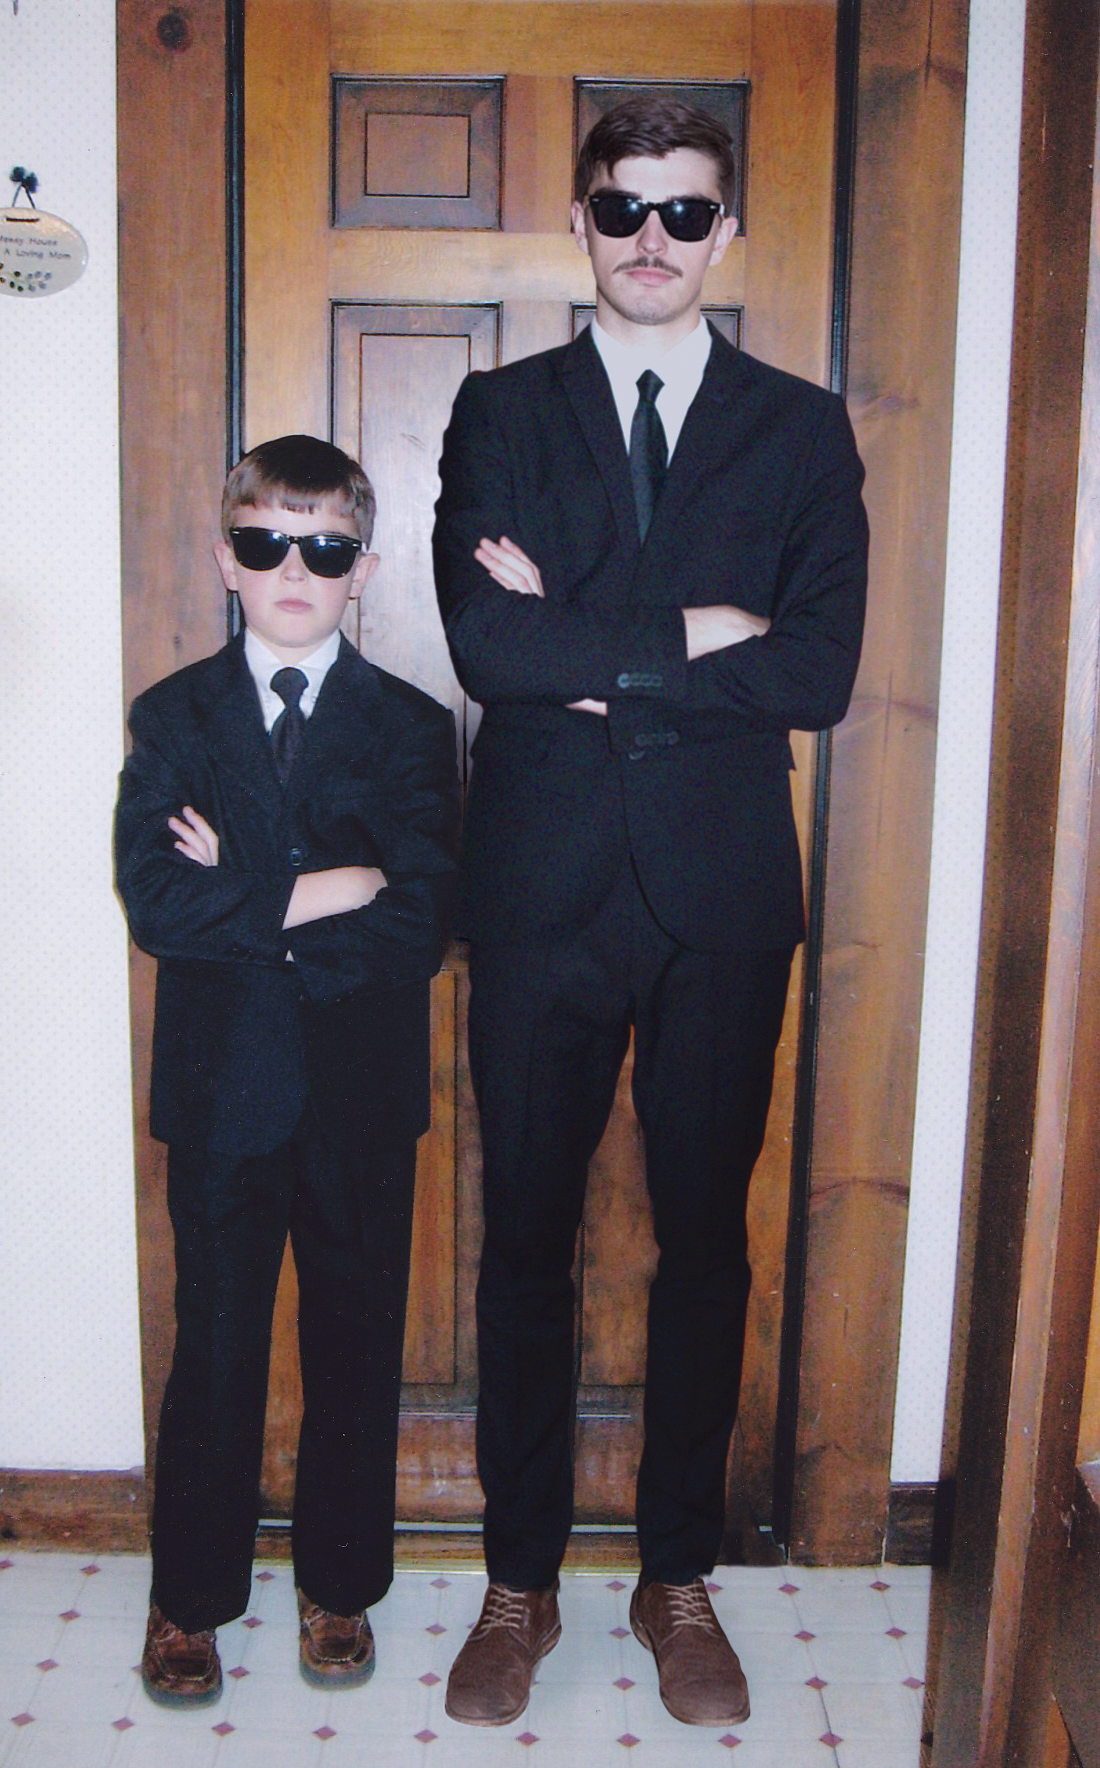 Chłopiec i mężczyzna przebrani za Blues Brothers